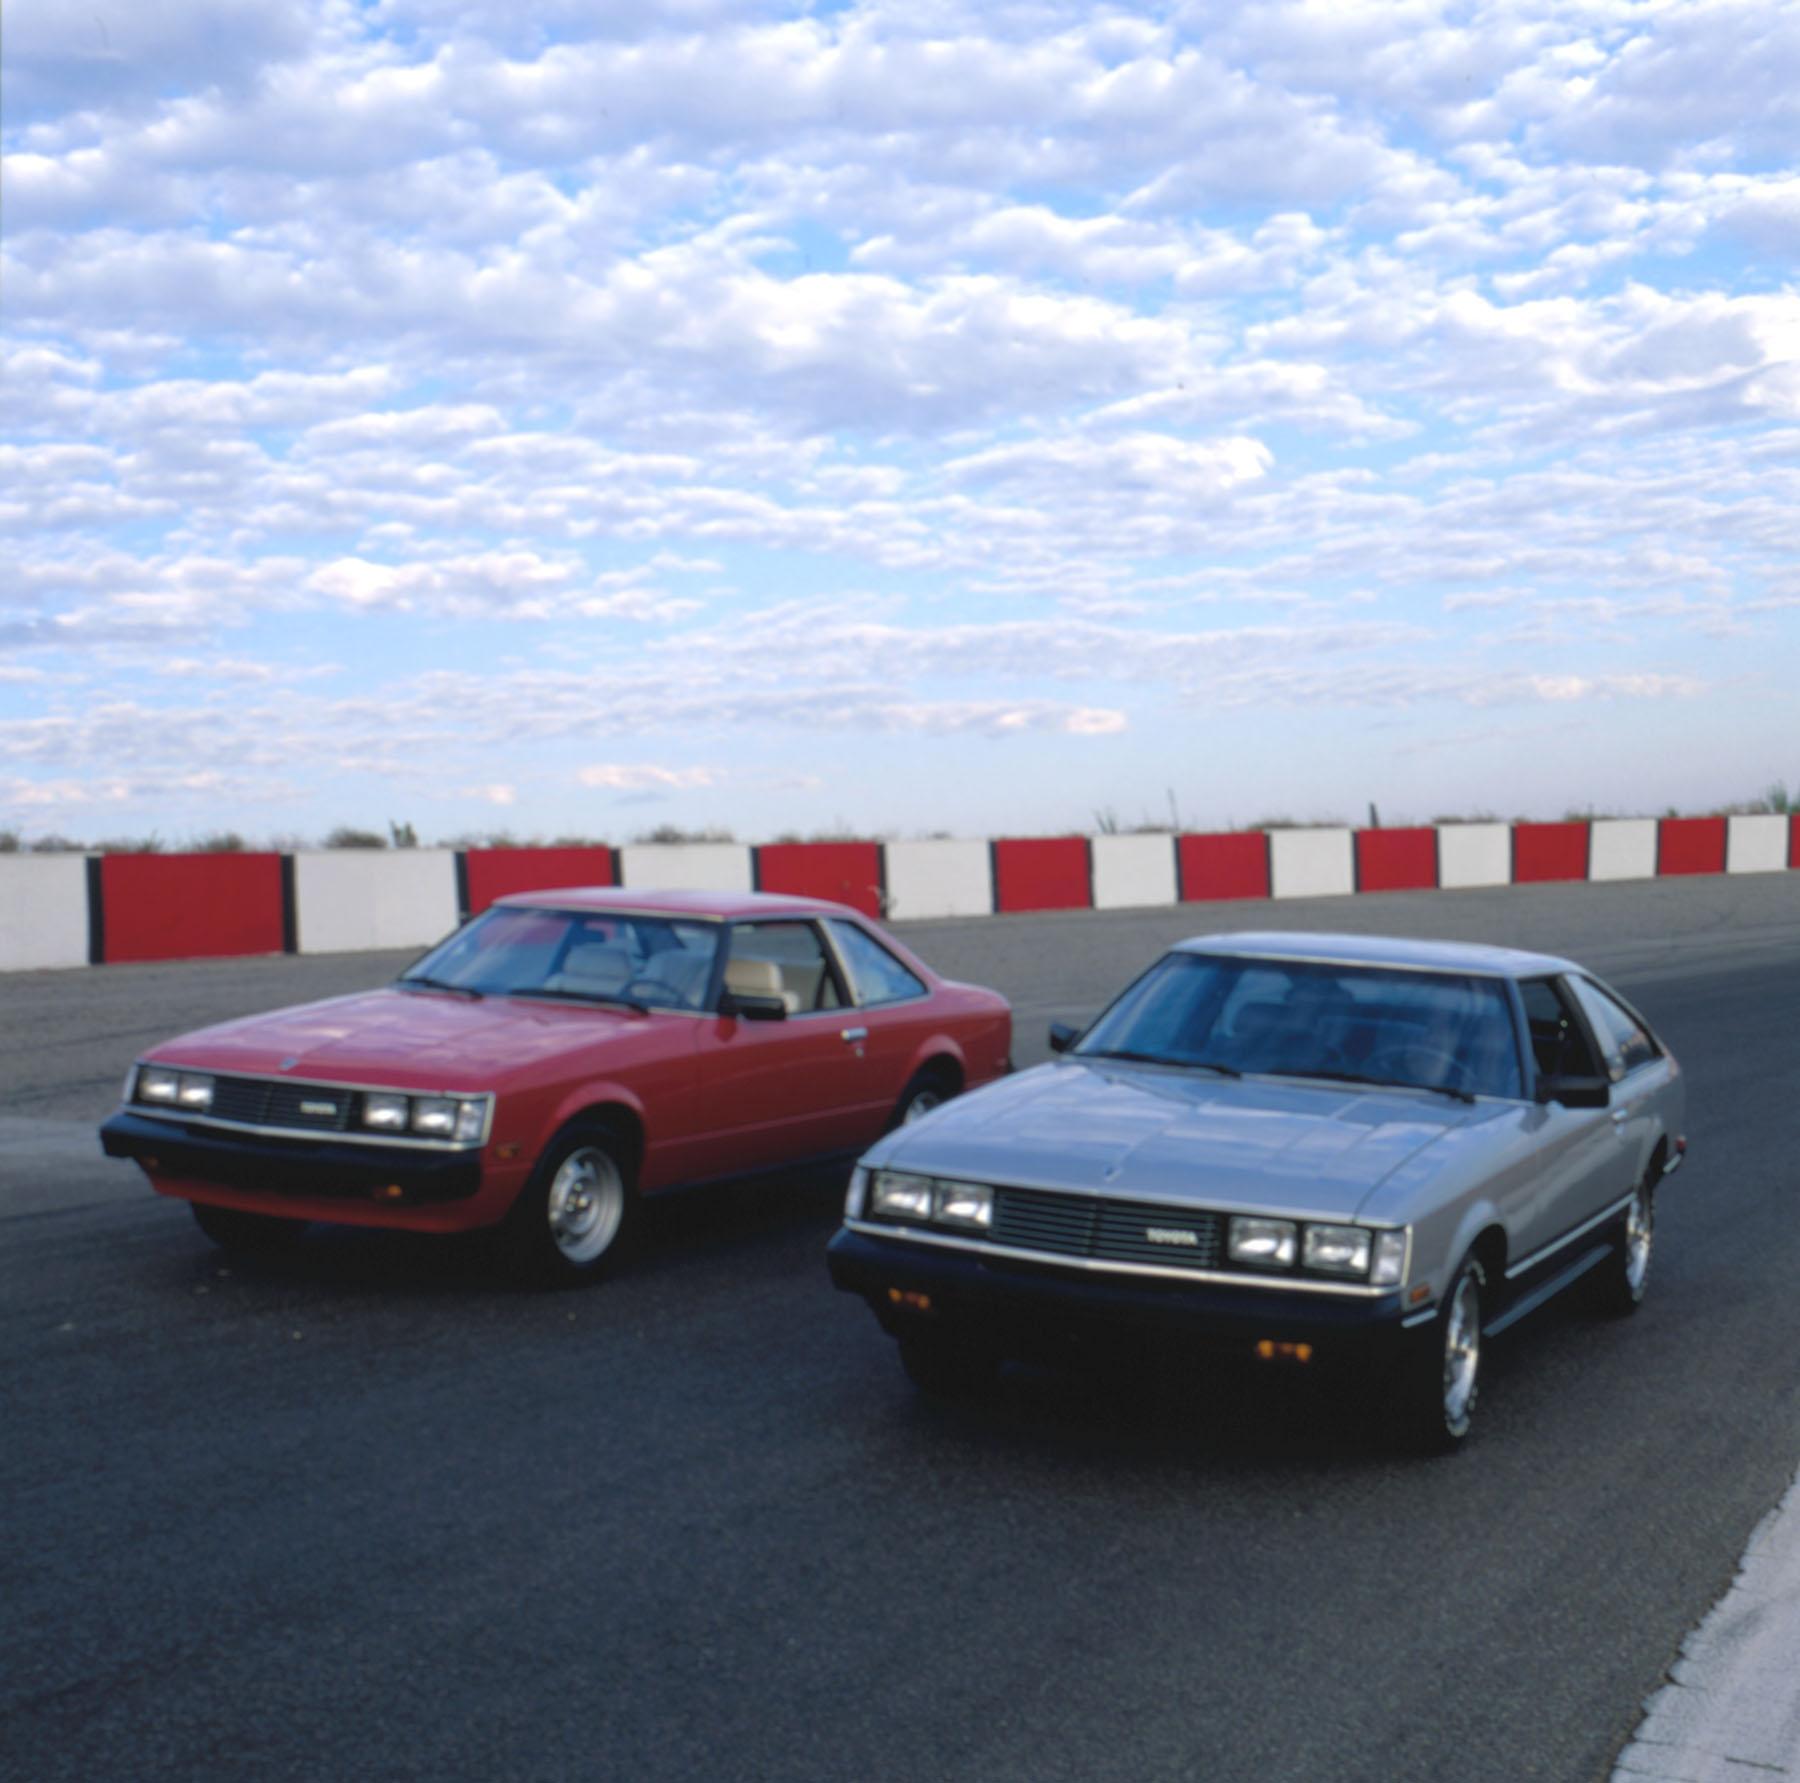 1981 Toyota Celica Supra On Track